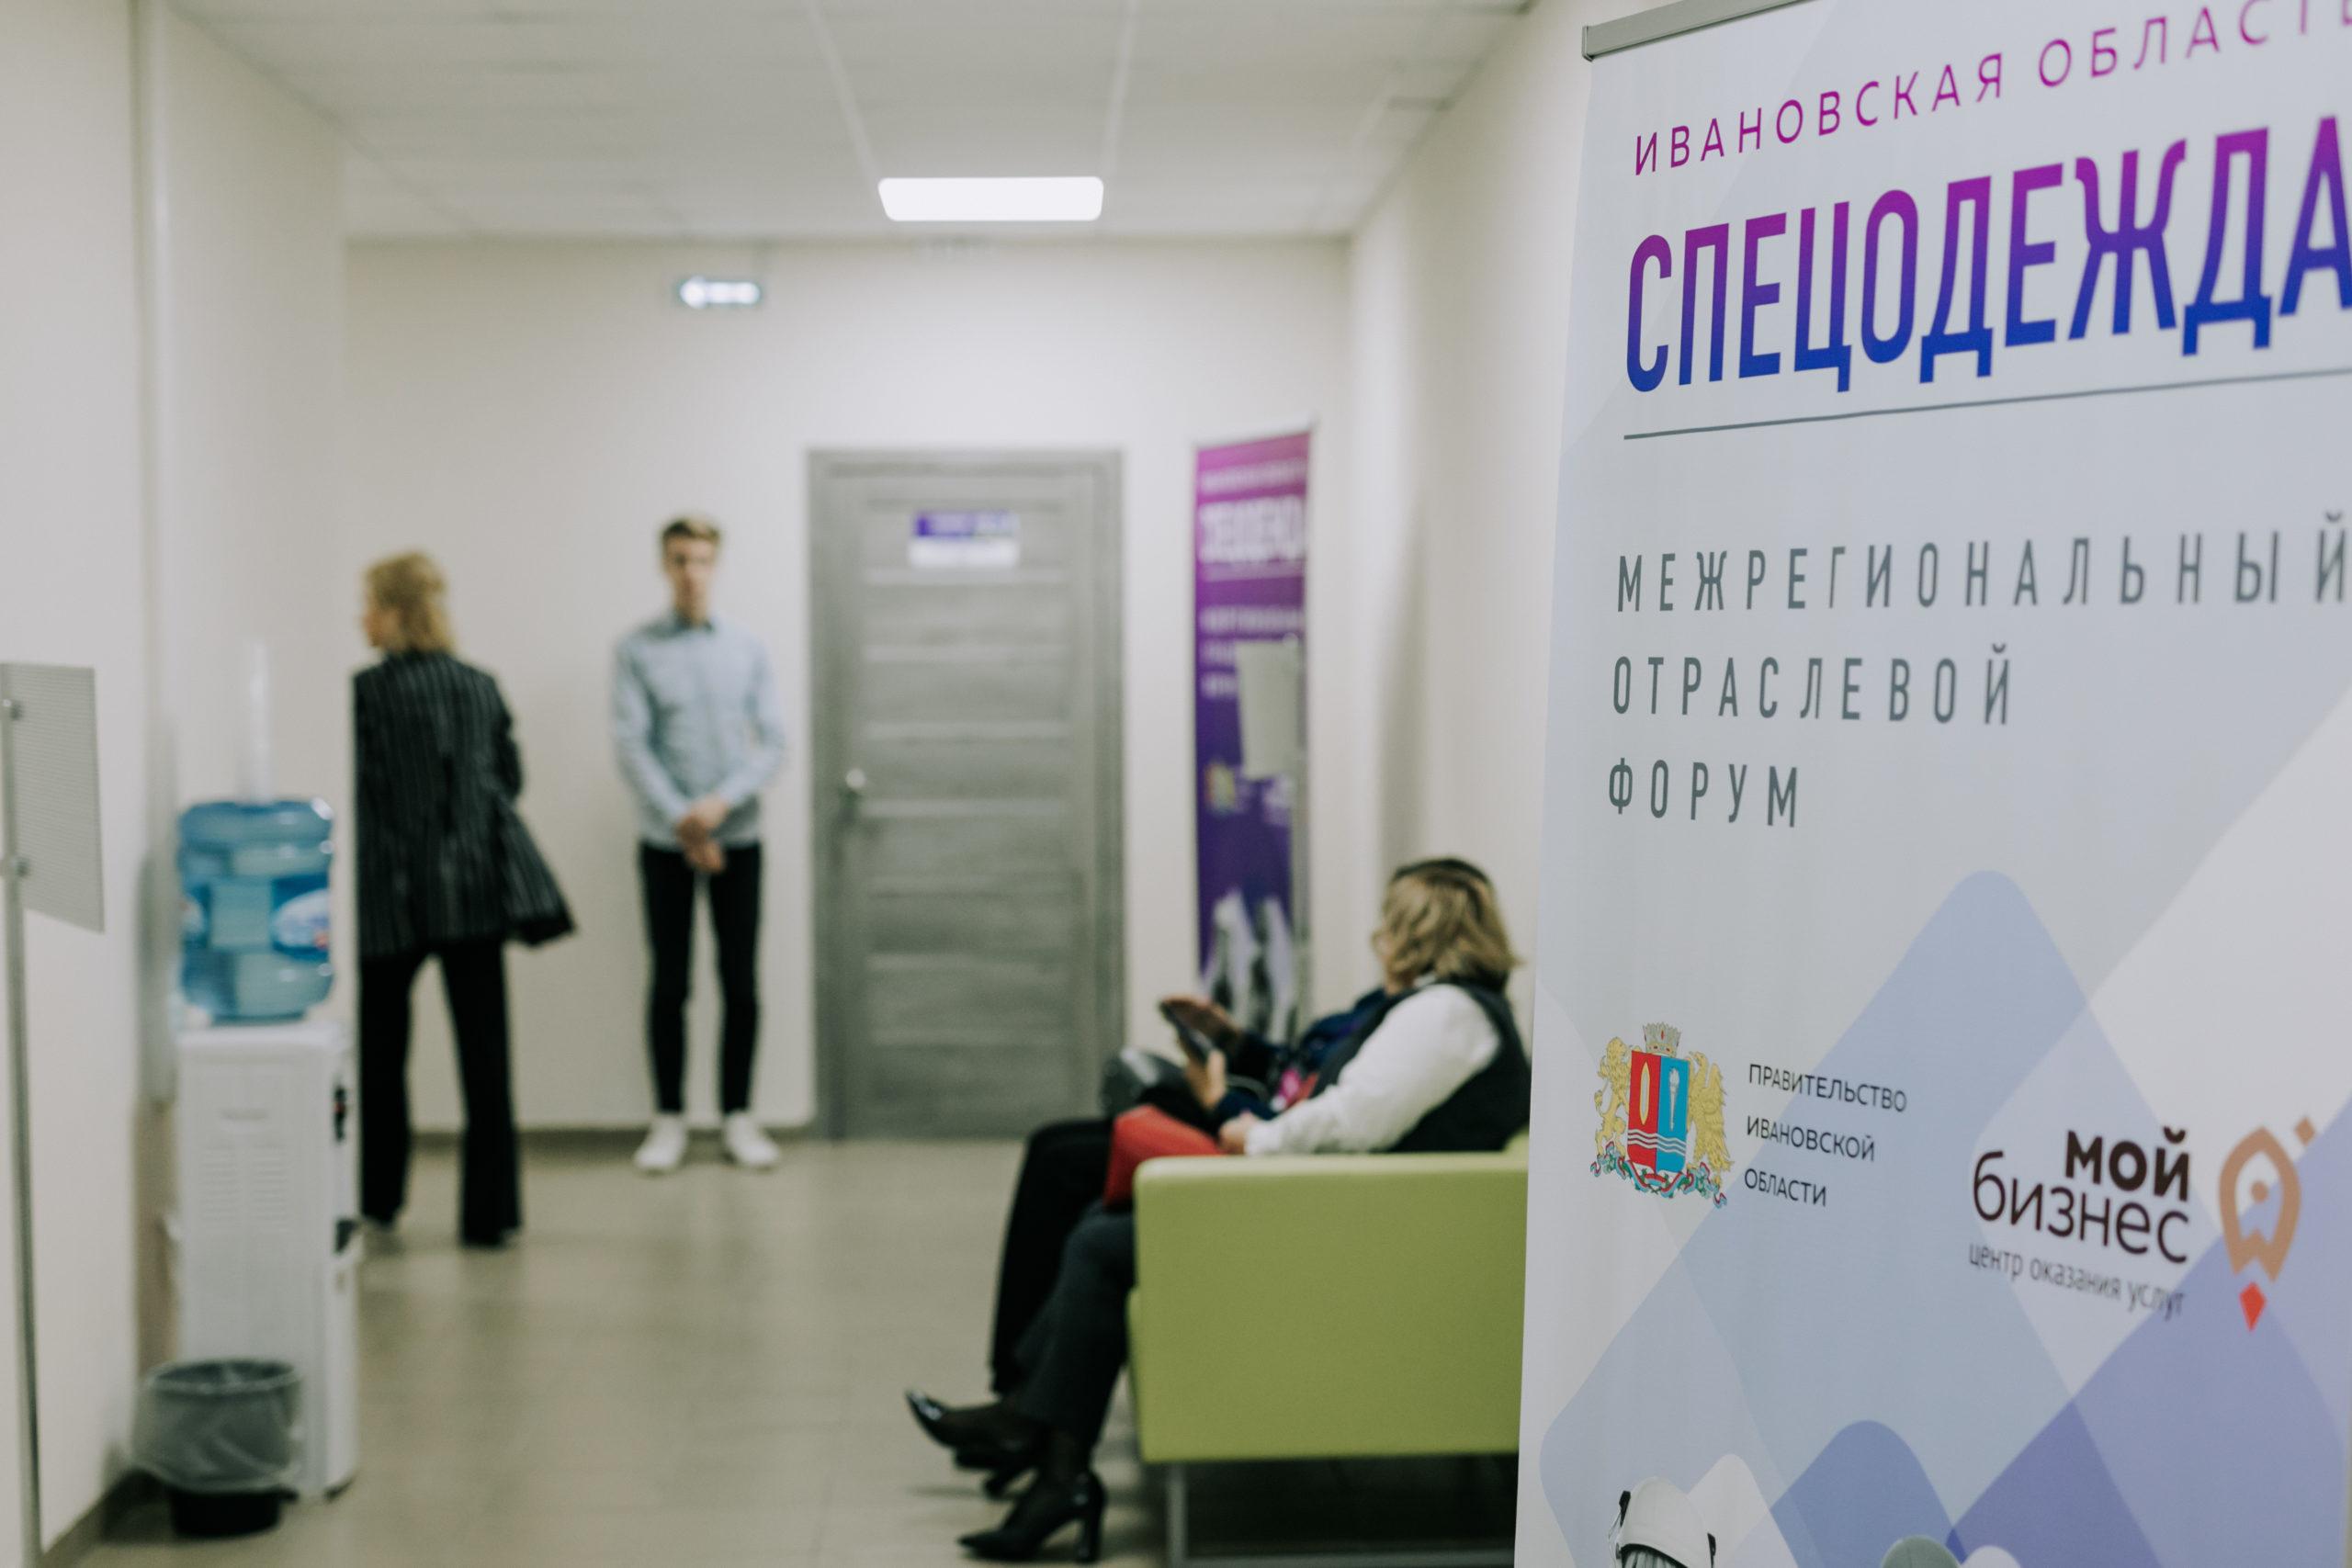 II Межрегиональный отраслевой форум «СПЕЦОДЕЖДА» перенесен